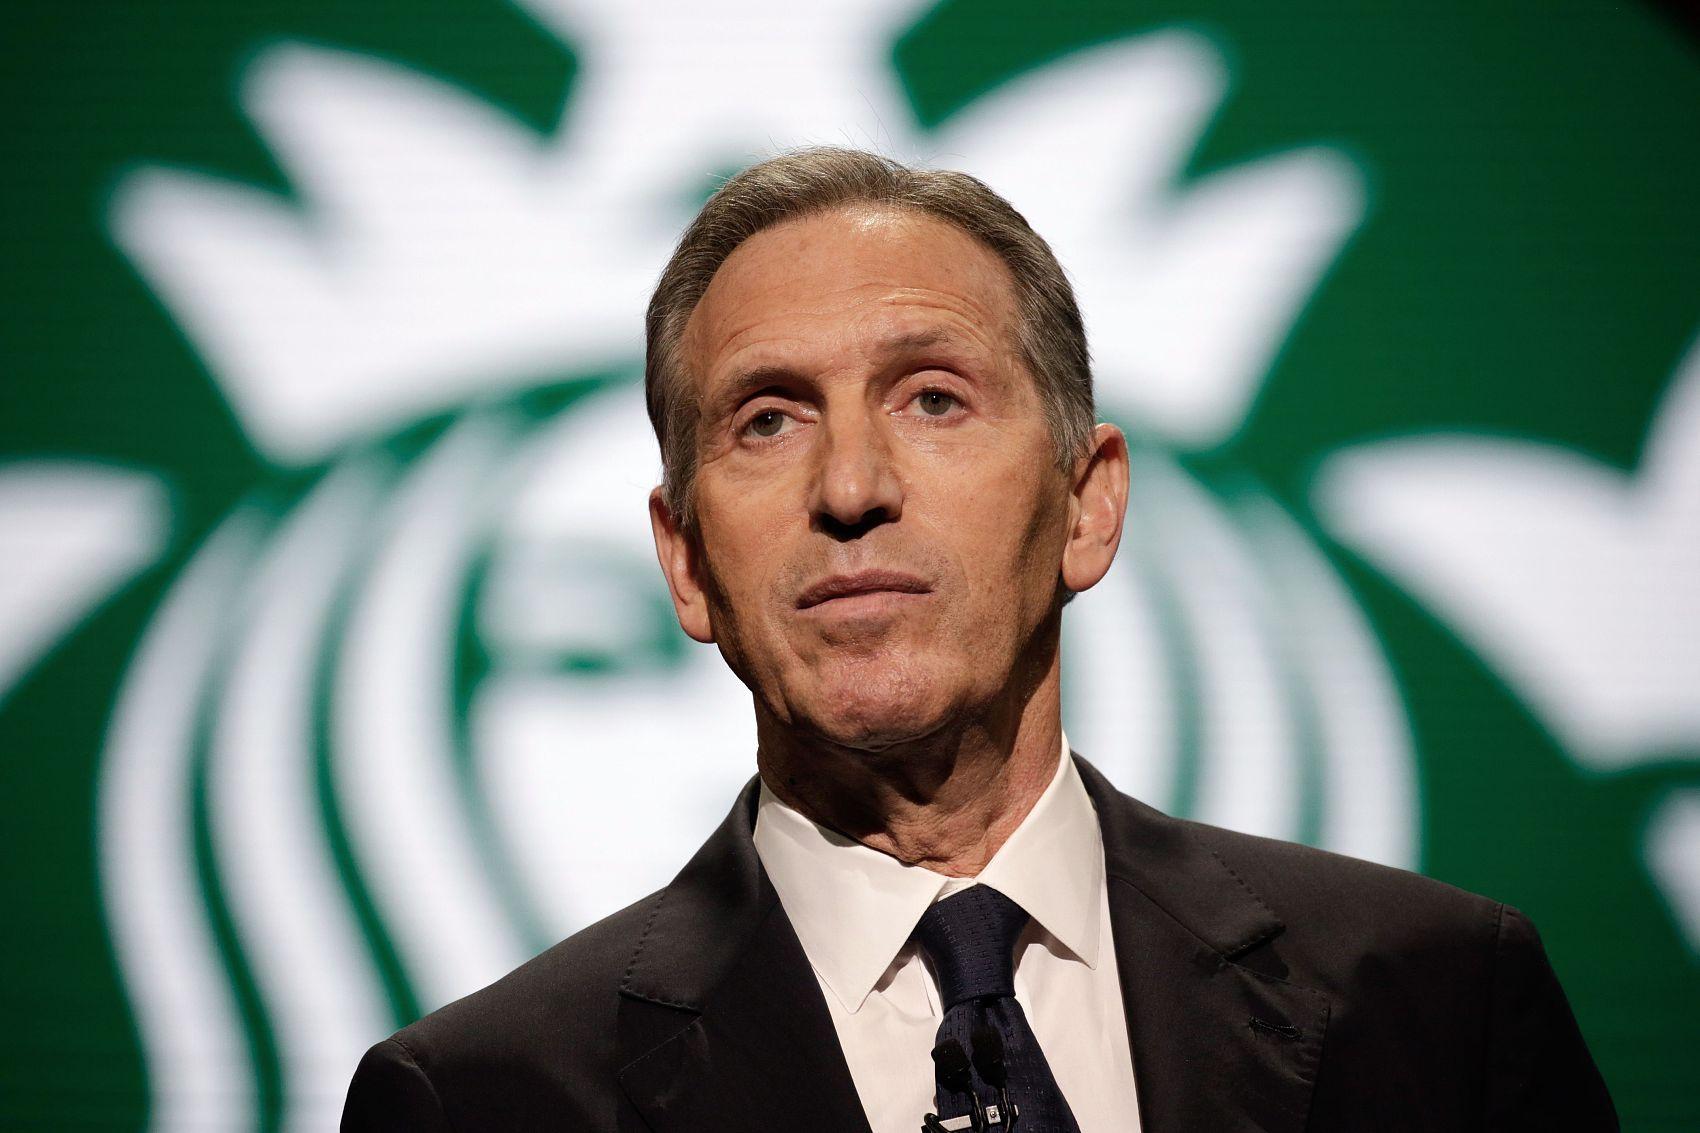 星巴克前CEO霍华德-舒尔茨宣布放弃竞选下届美国总统